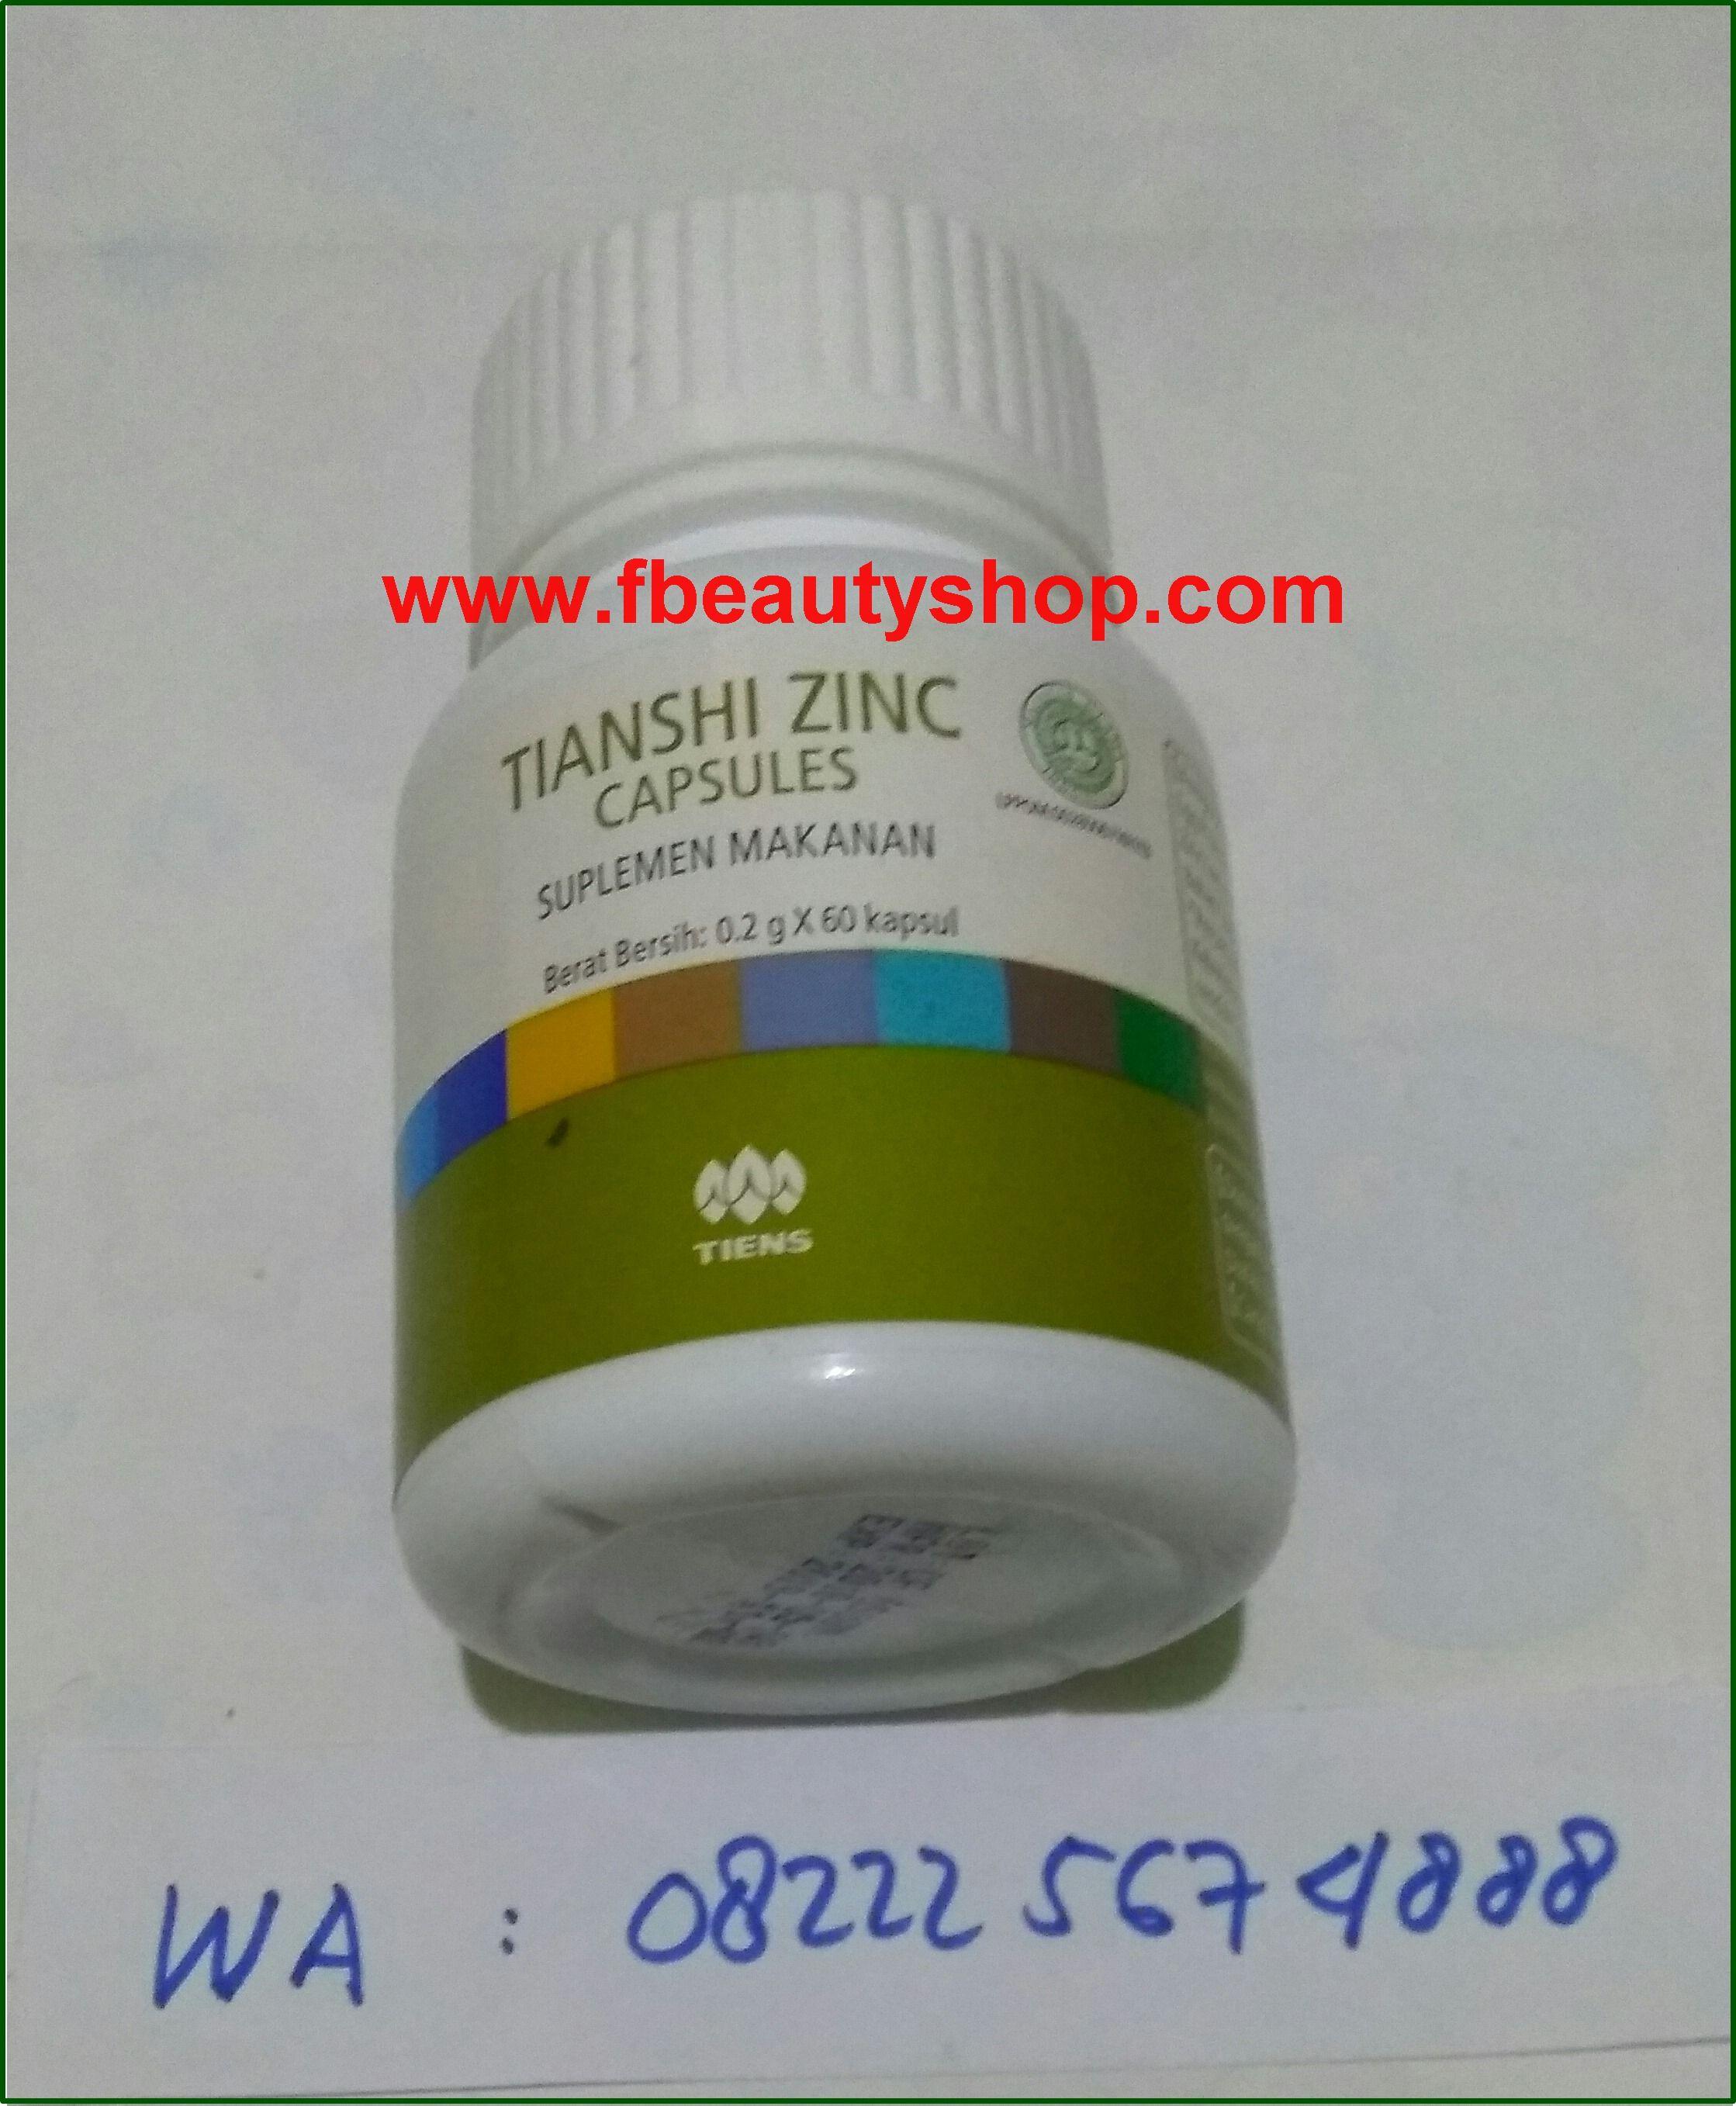 Tianshi Zinc Capsule Suplemen Makanan Peninggi Badan Adalah Salah Satu Suplemen Makanan Yang Diproduksi Oleh Perusahaan Farmasi Terbe Makanan Perawatan Farmasi